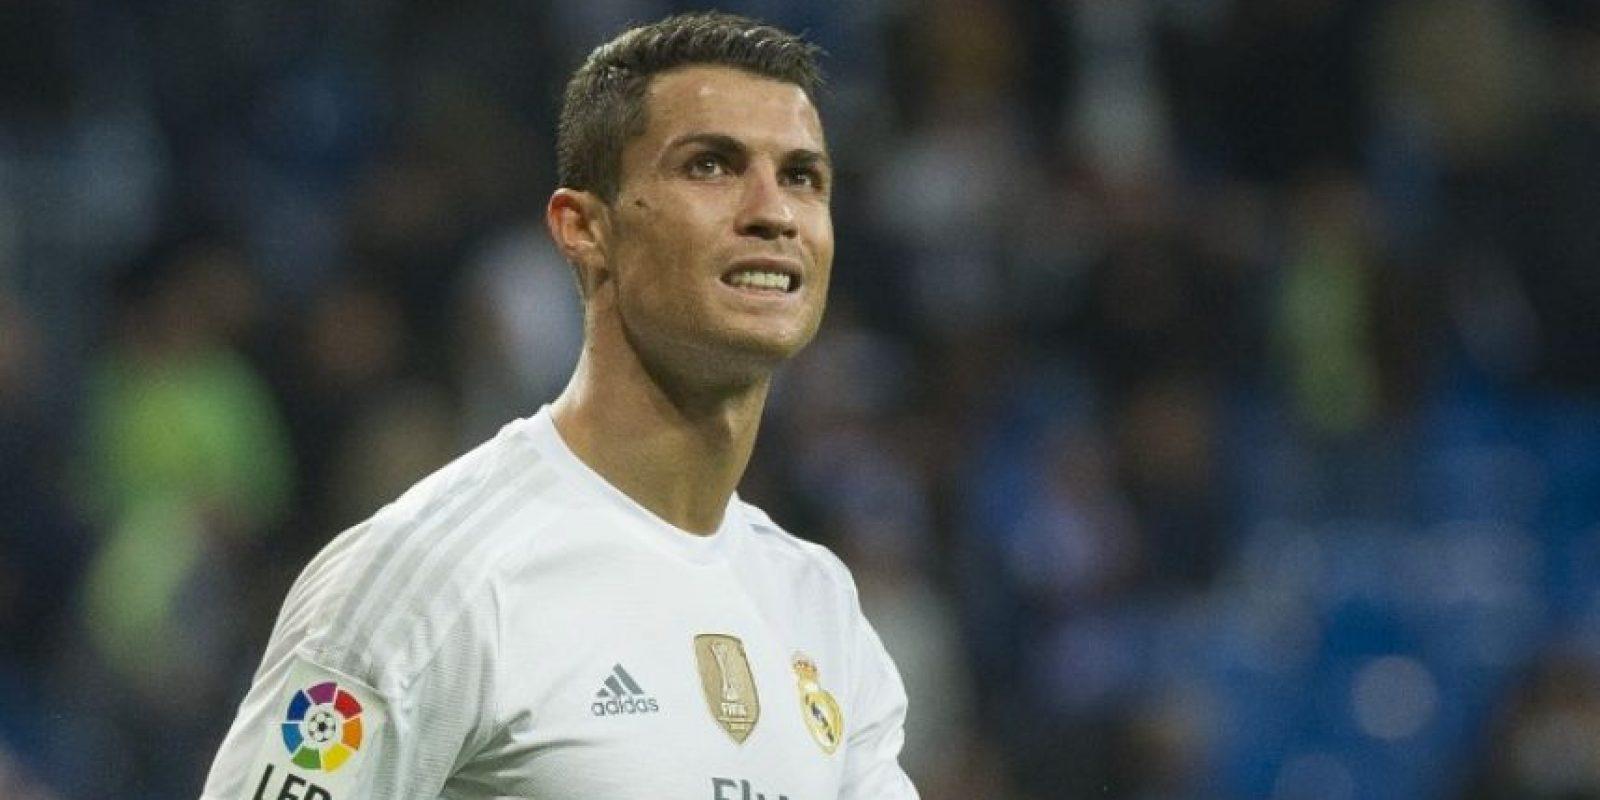 El futbolista del Real Madrid compartió este video con sus seguidores a través de sus redes sociales. Foto:AFP